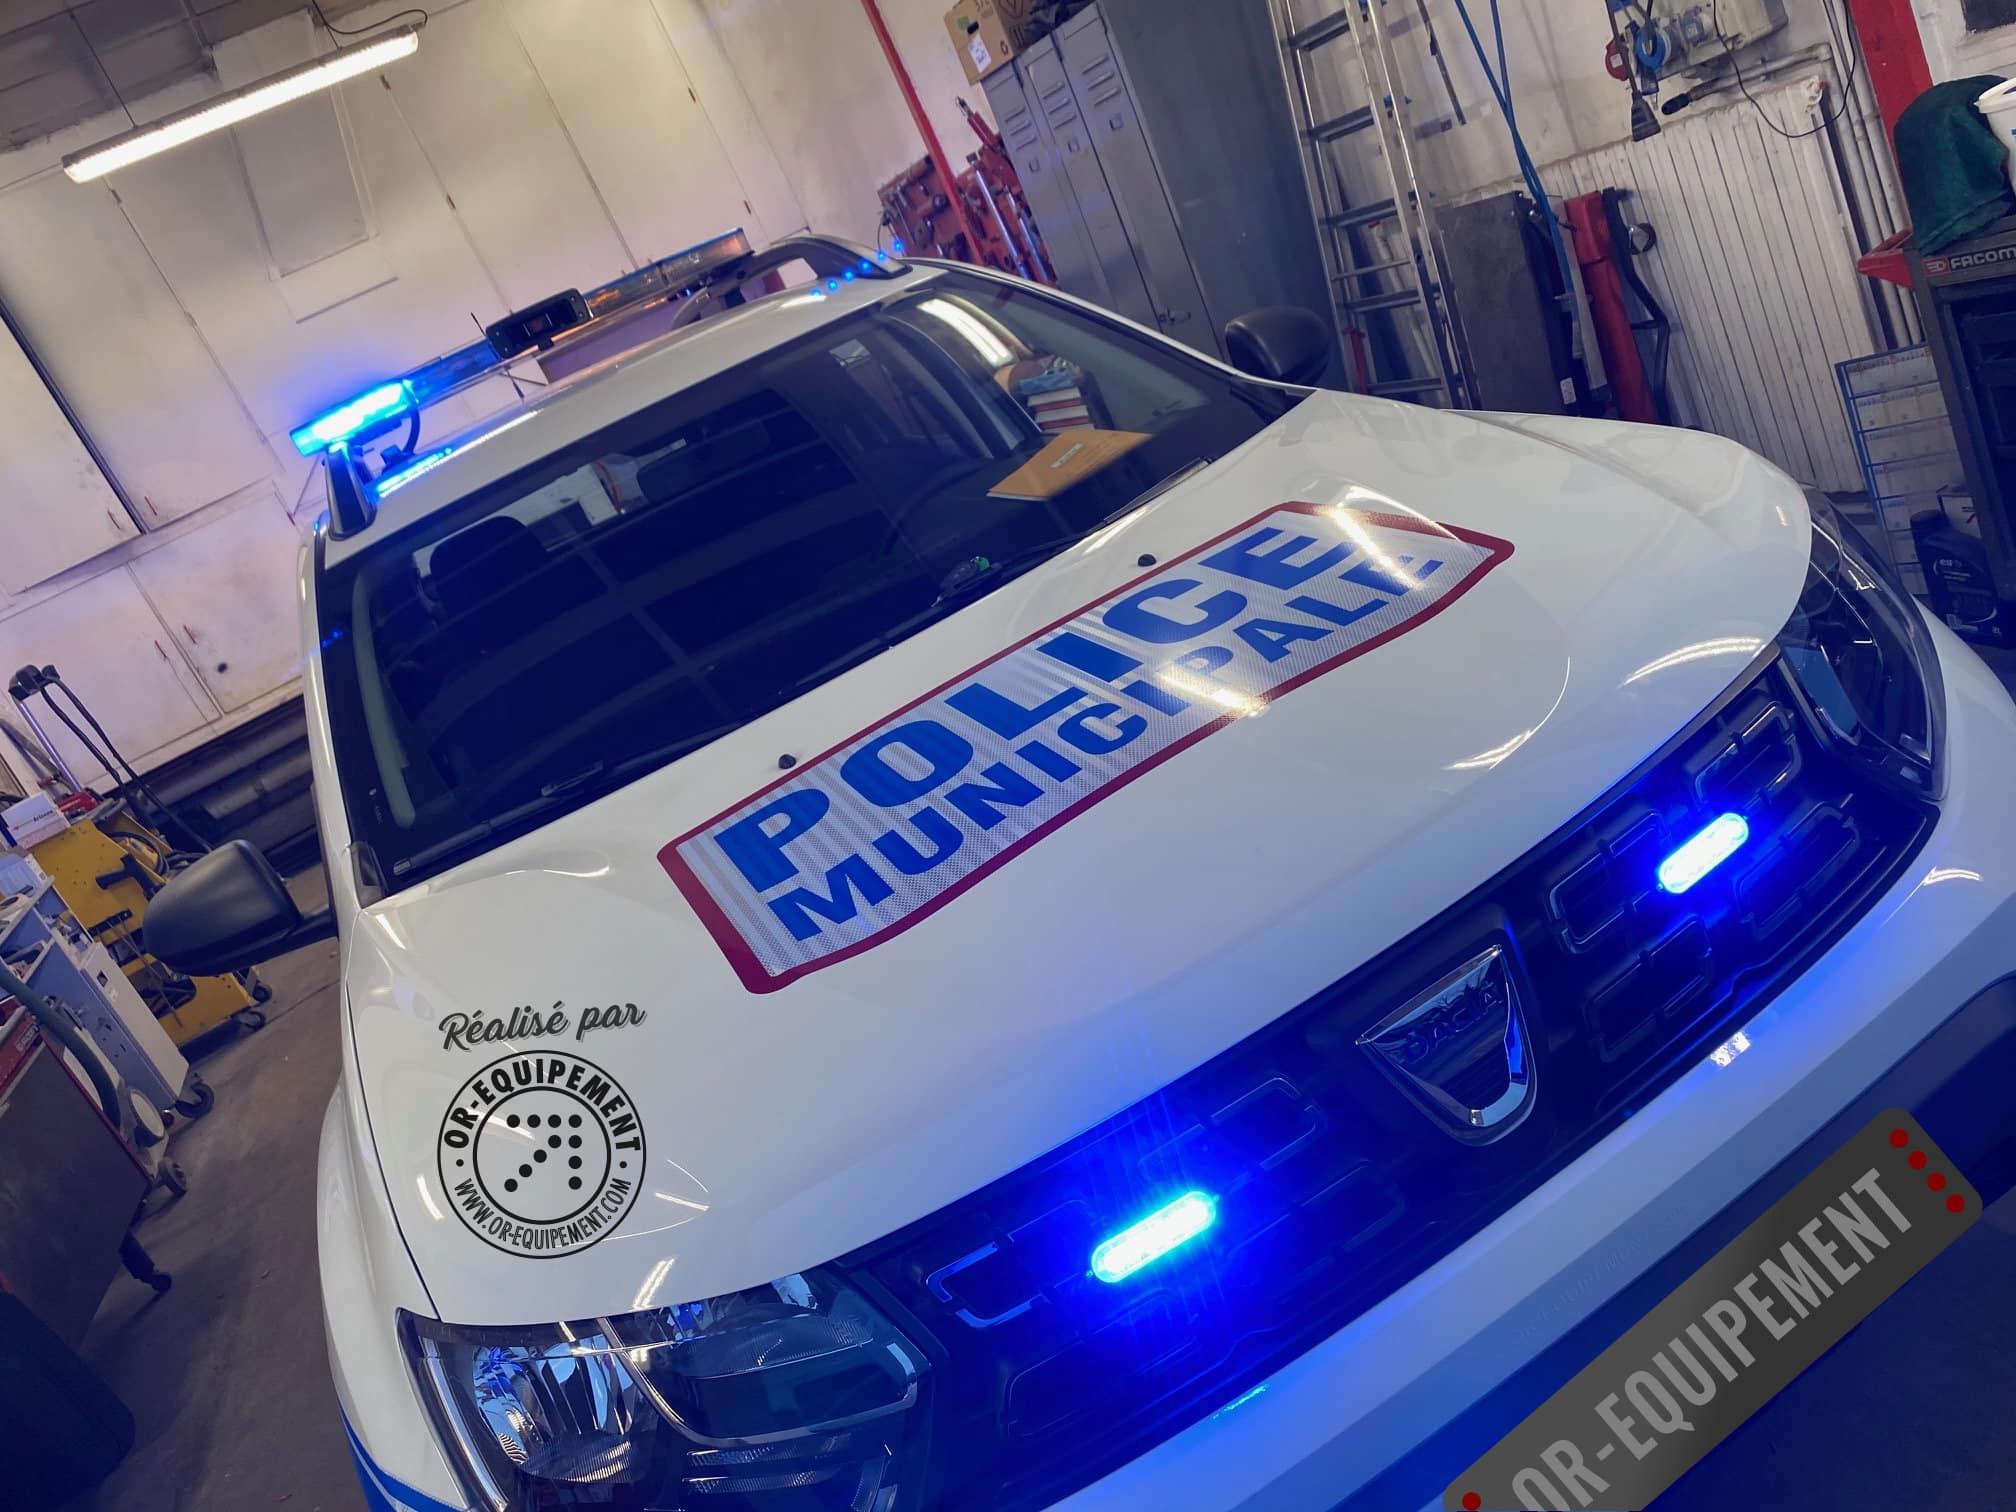 Police municipale – Dacia Duster